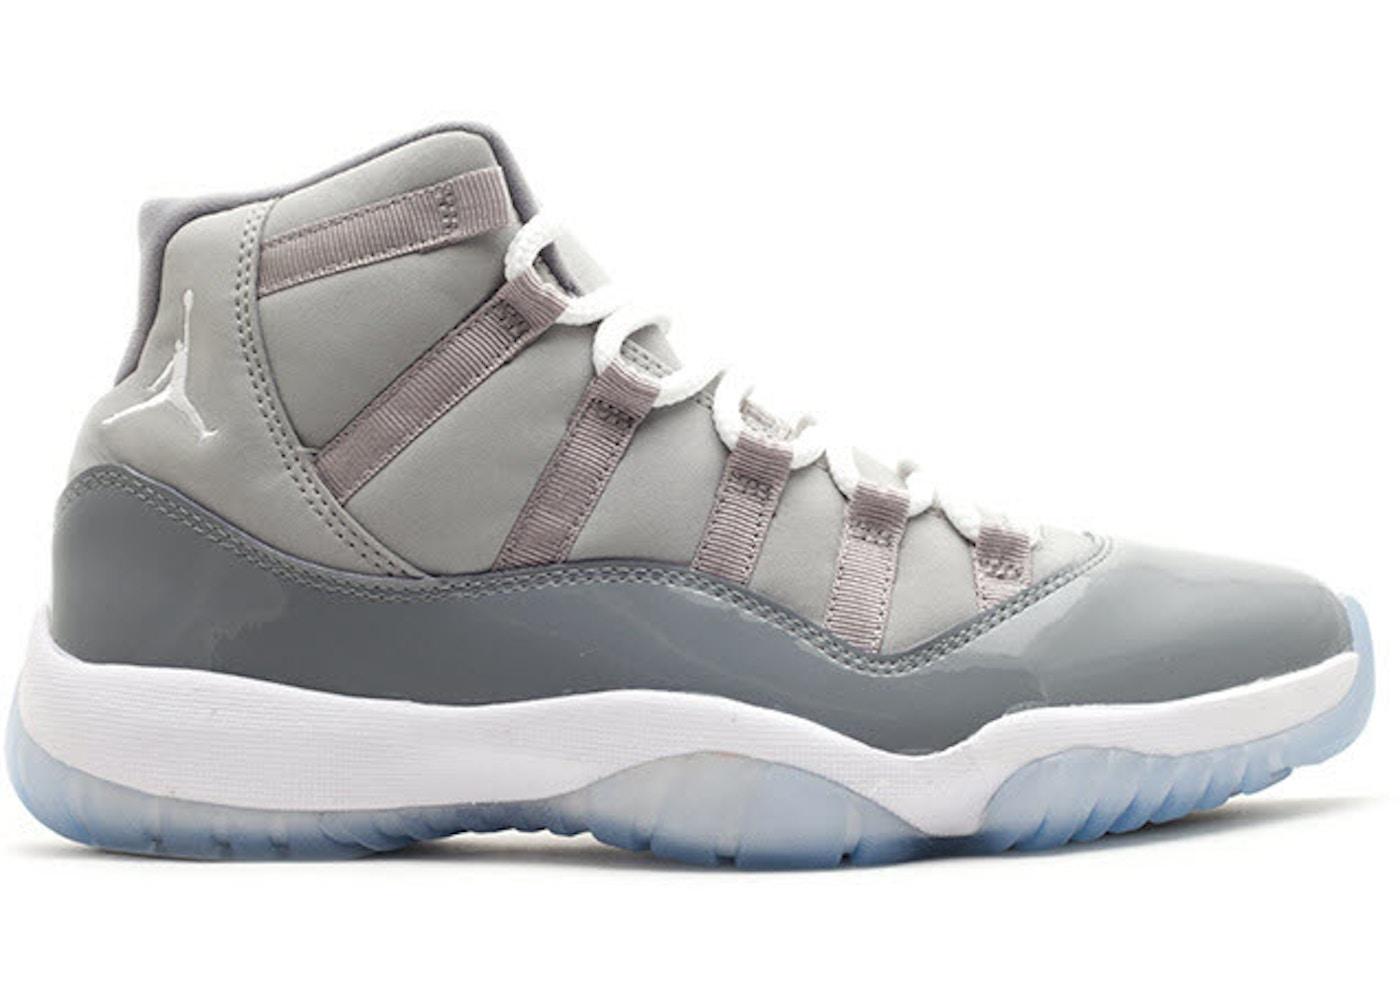 the best attitude a2e71 27ab3 Air Jordan Size 17 Shoes - Last Sale